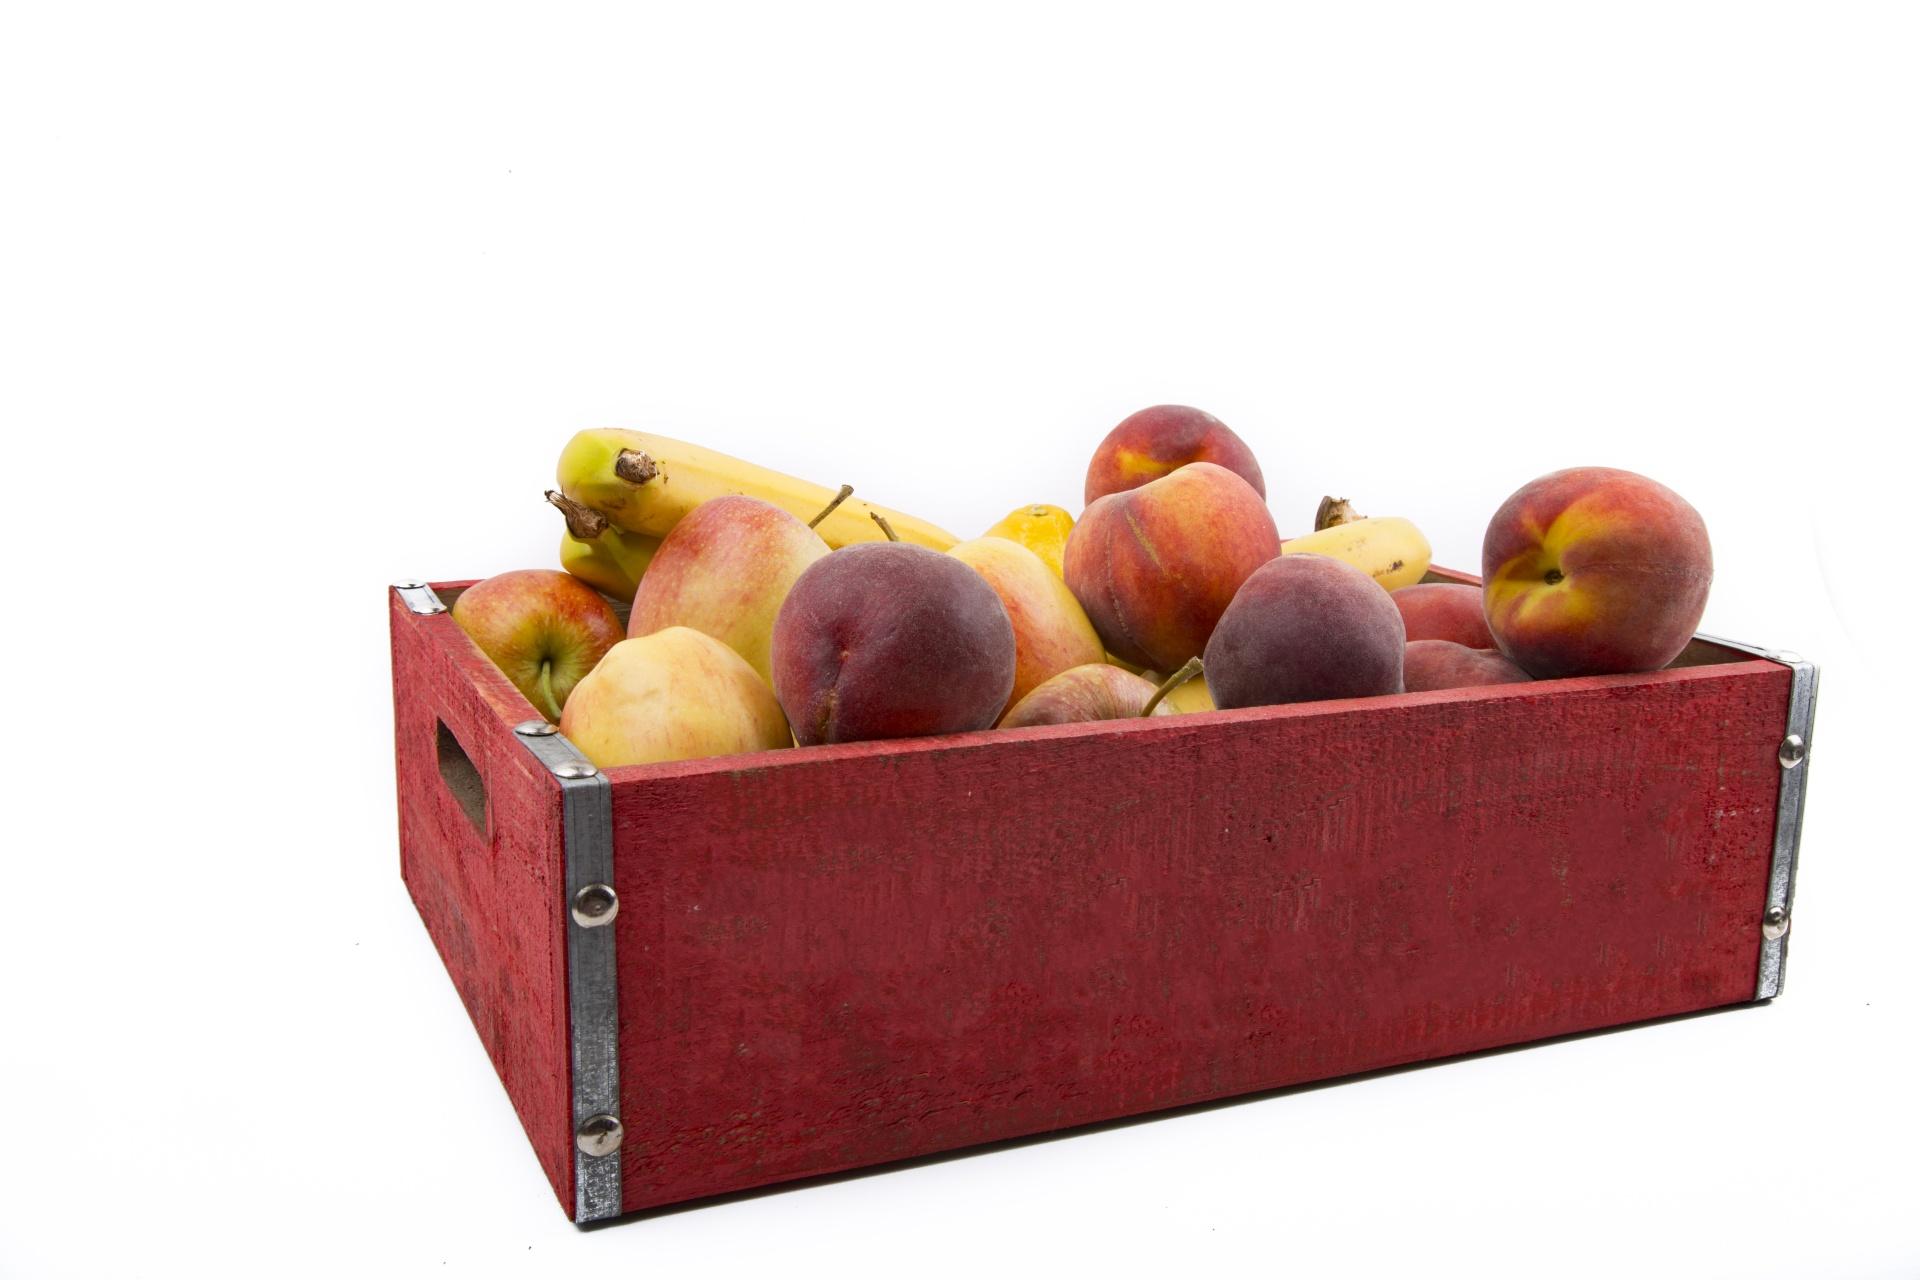 caisse-pommes